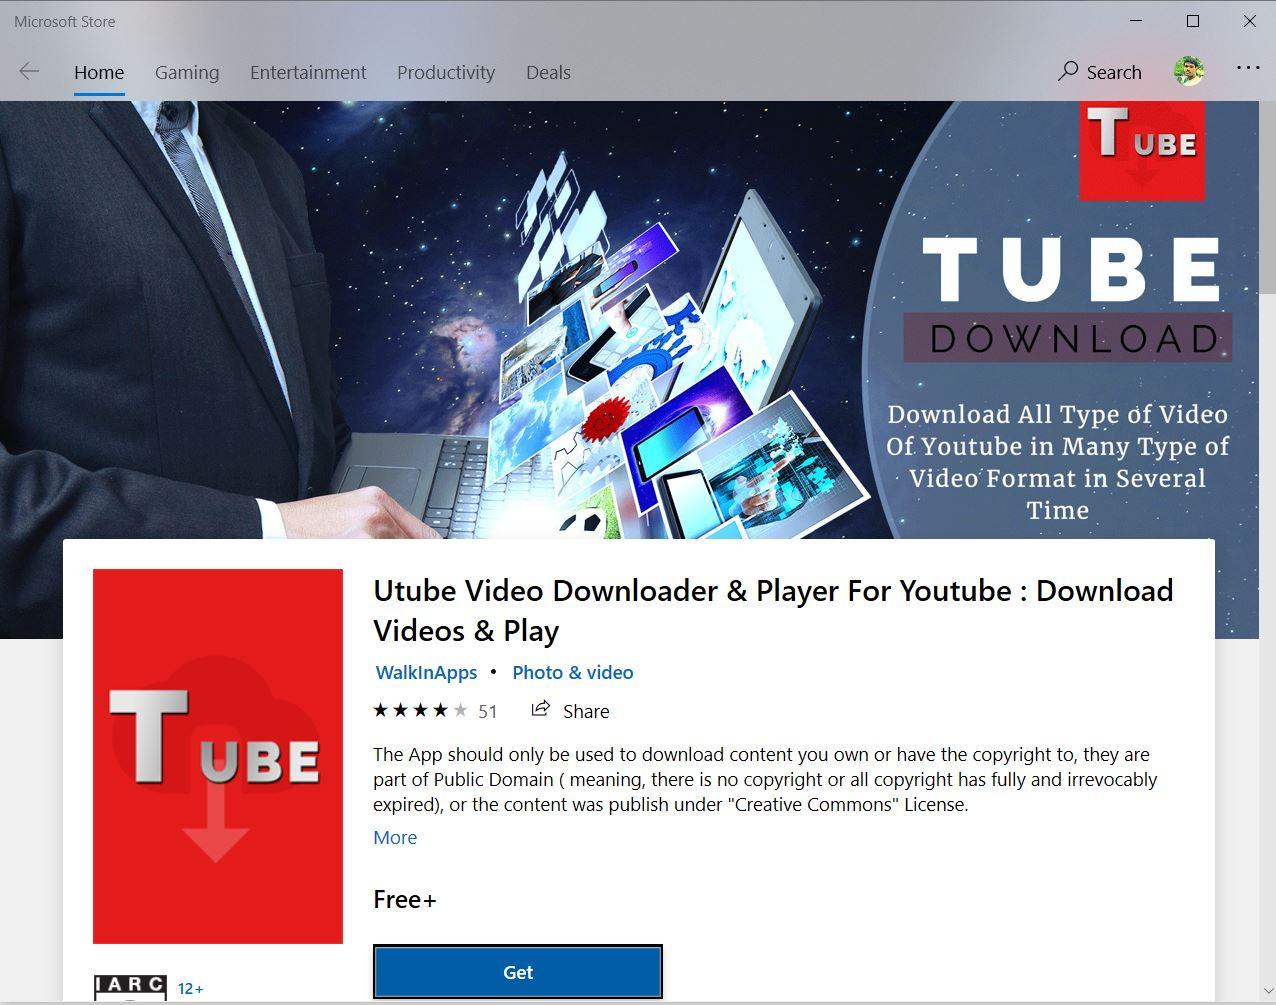 uTube Video Downloader